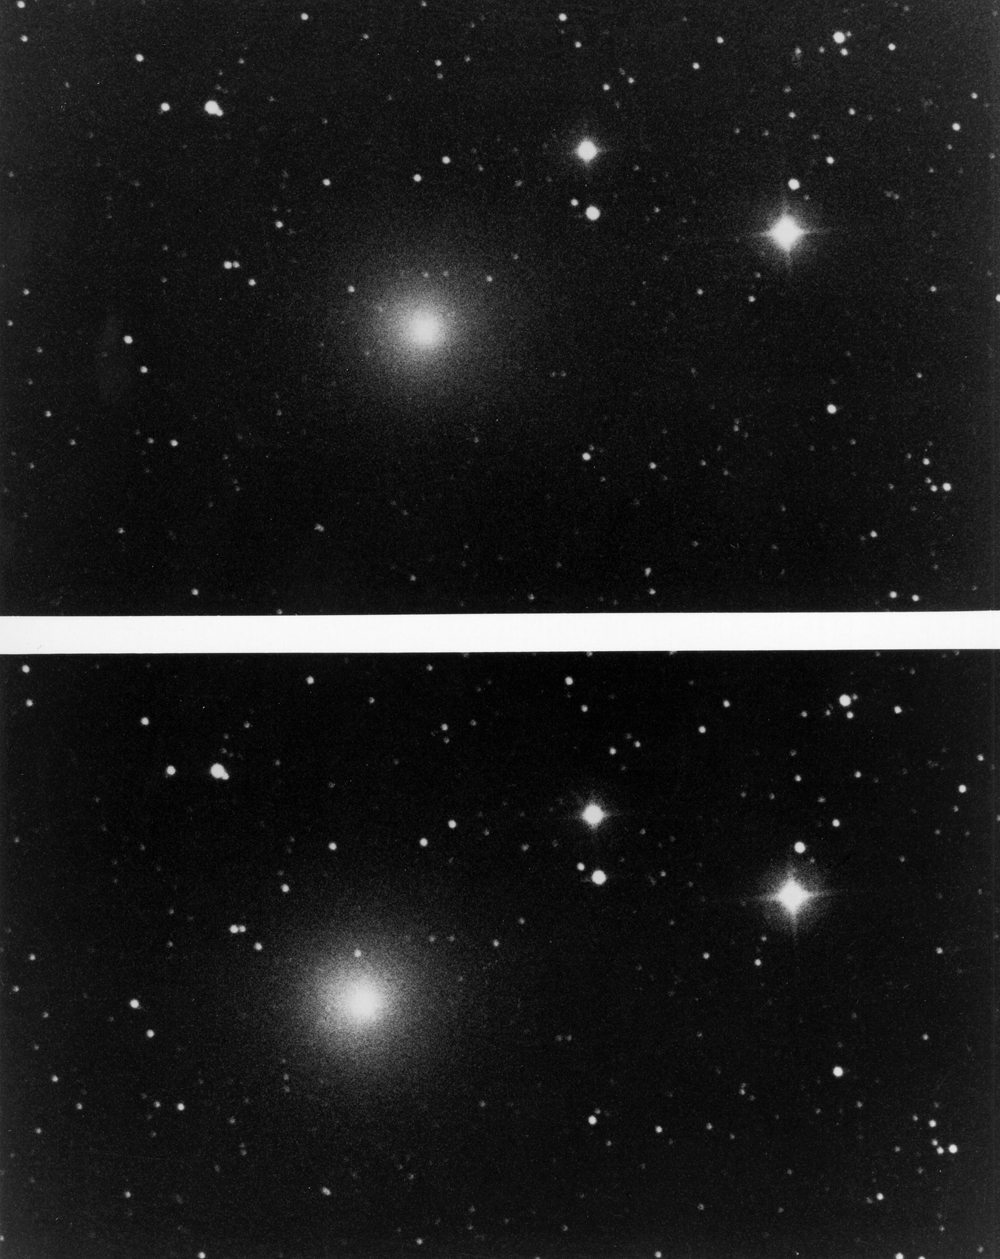 Halley's Comet in 1985